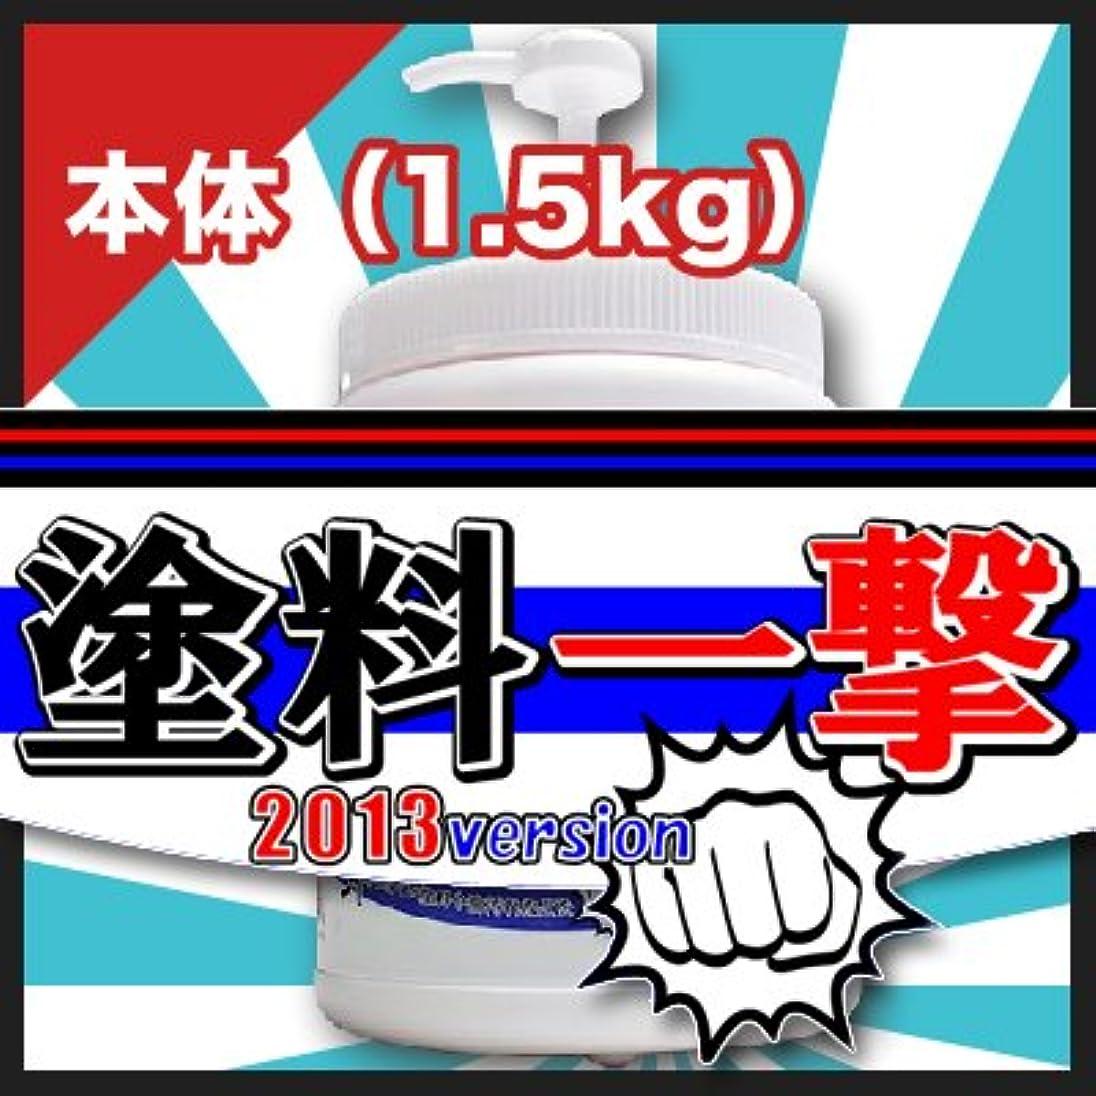 データ残高衰えるD.Iプランニング 塗料一撃 2013 Version 本体 (1.5kg)